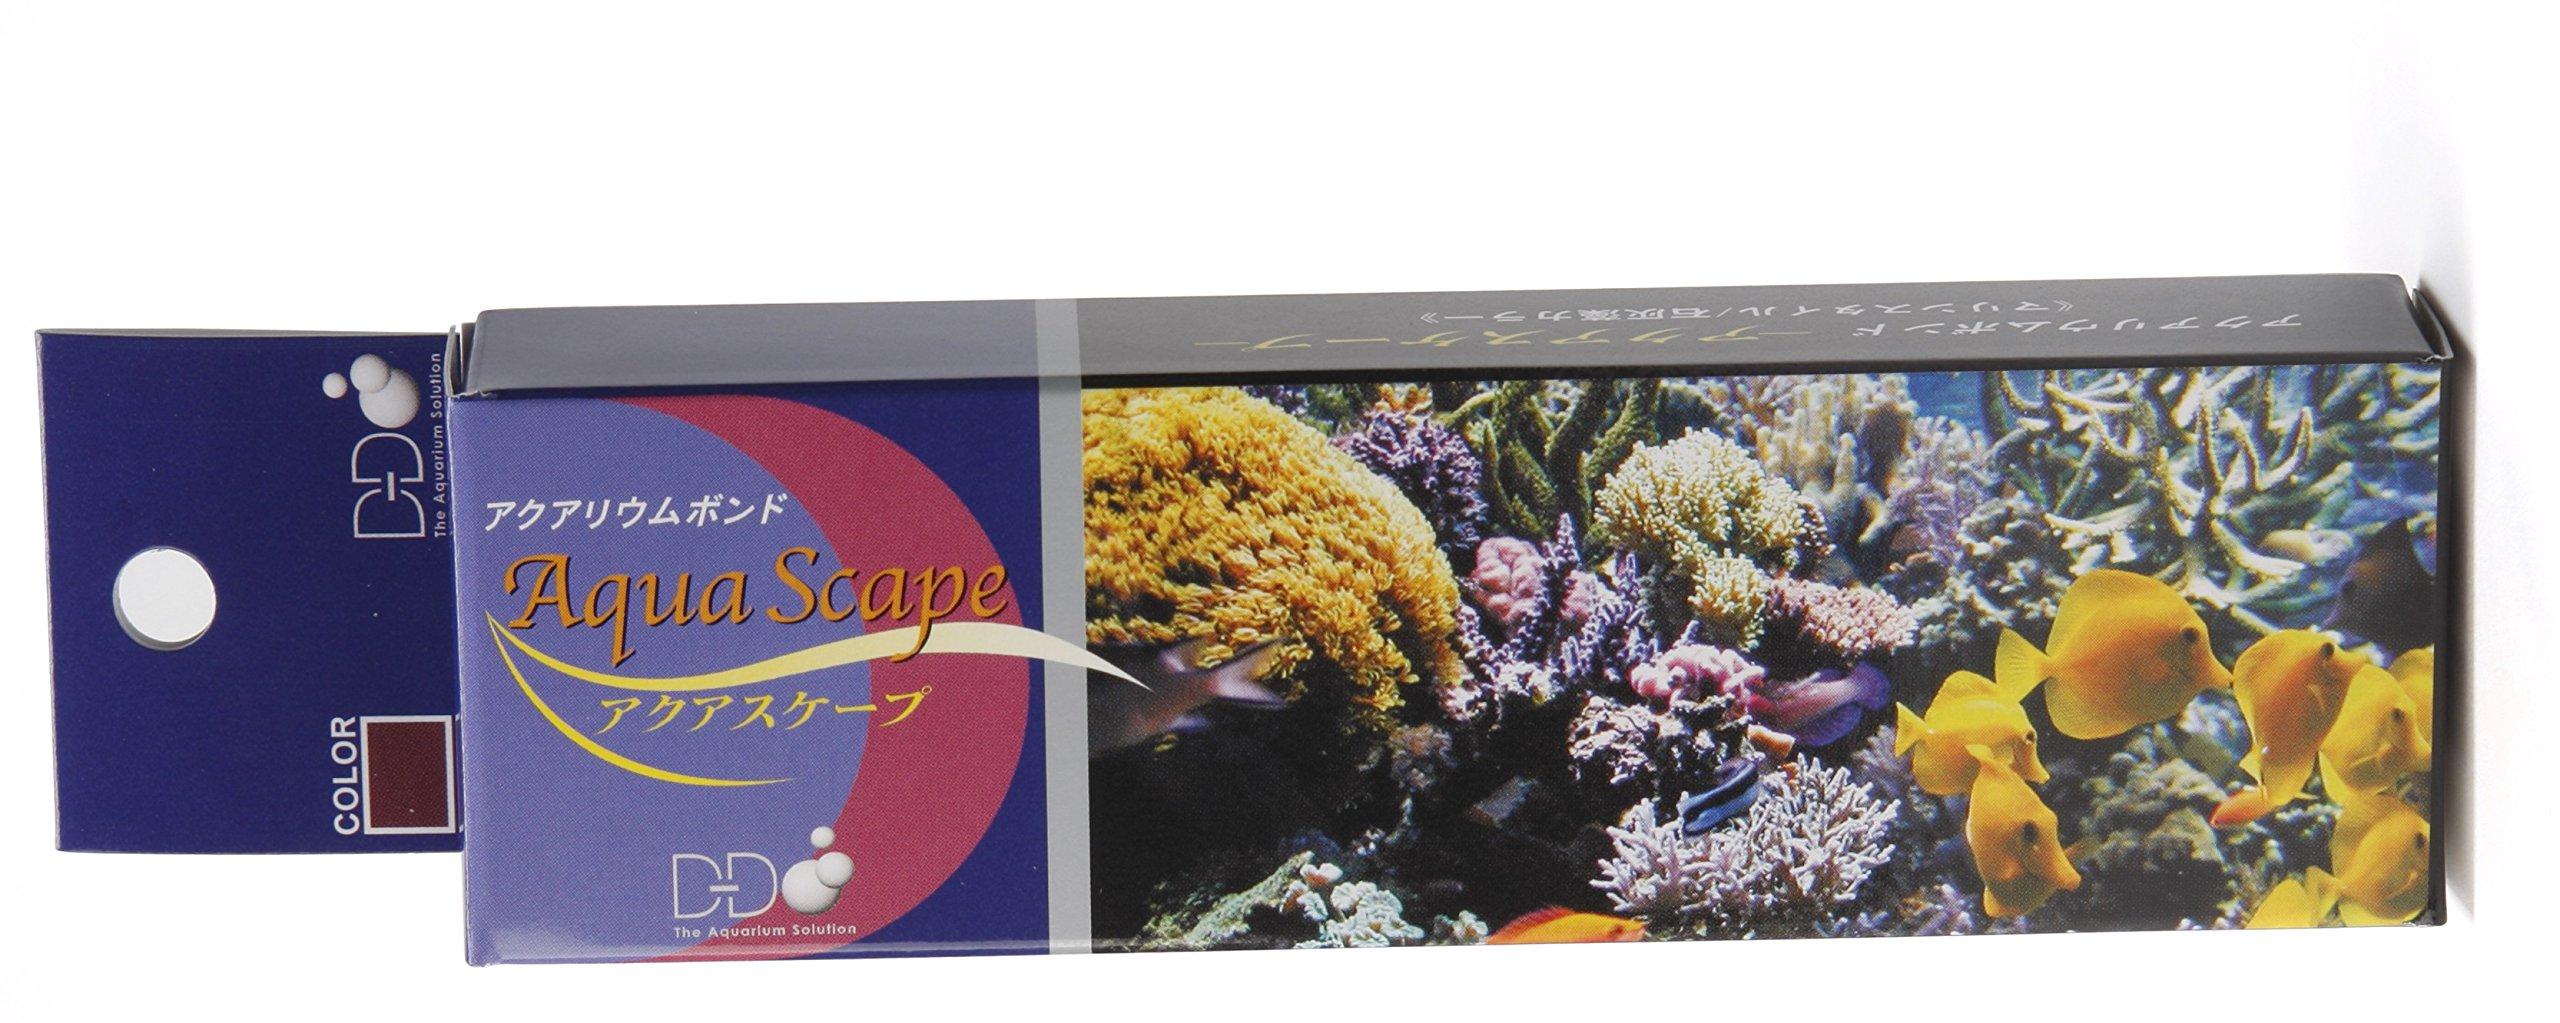 Aquascape Epoxy Buy Online In El Salvador At Elsalvador Desertcart Com Productid 53060414